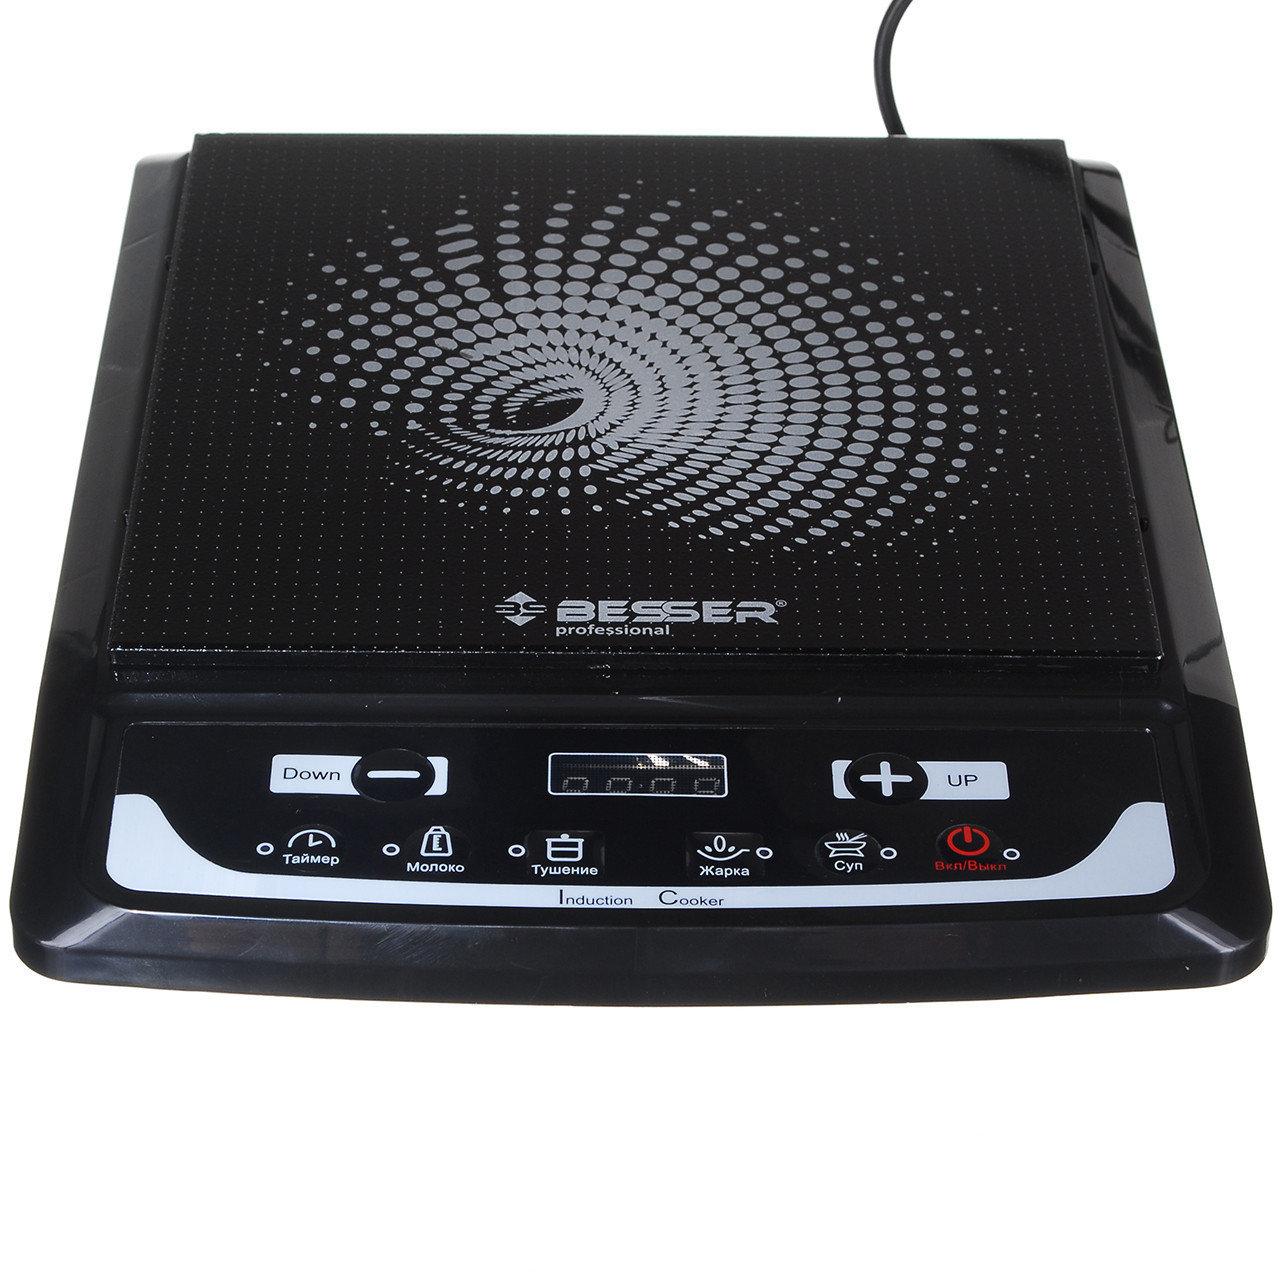 Индукционная электроплита BESSER 2000 Ват 10212 Настольная Керамическая